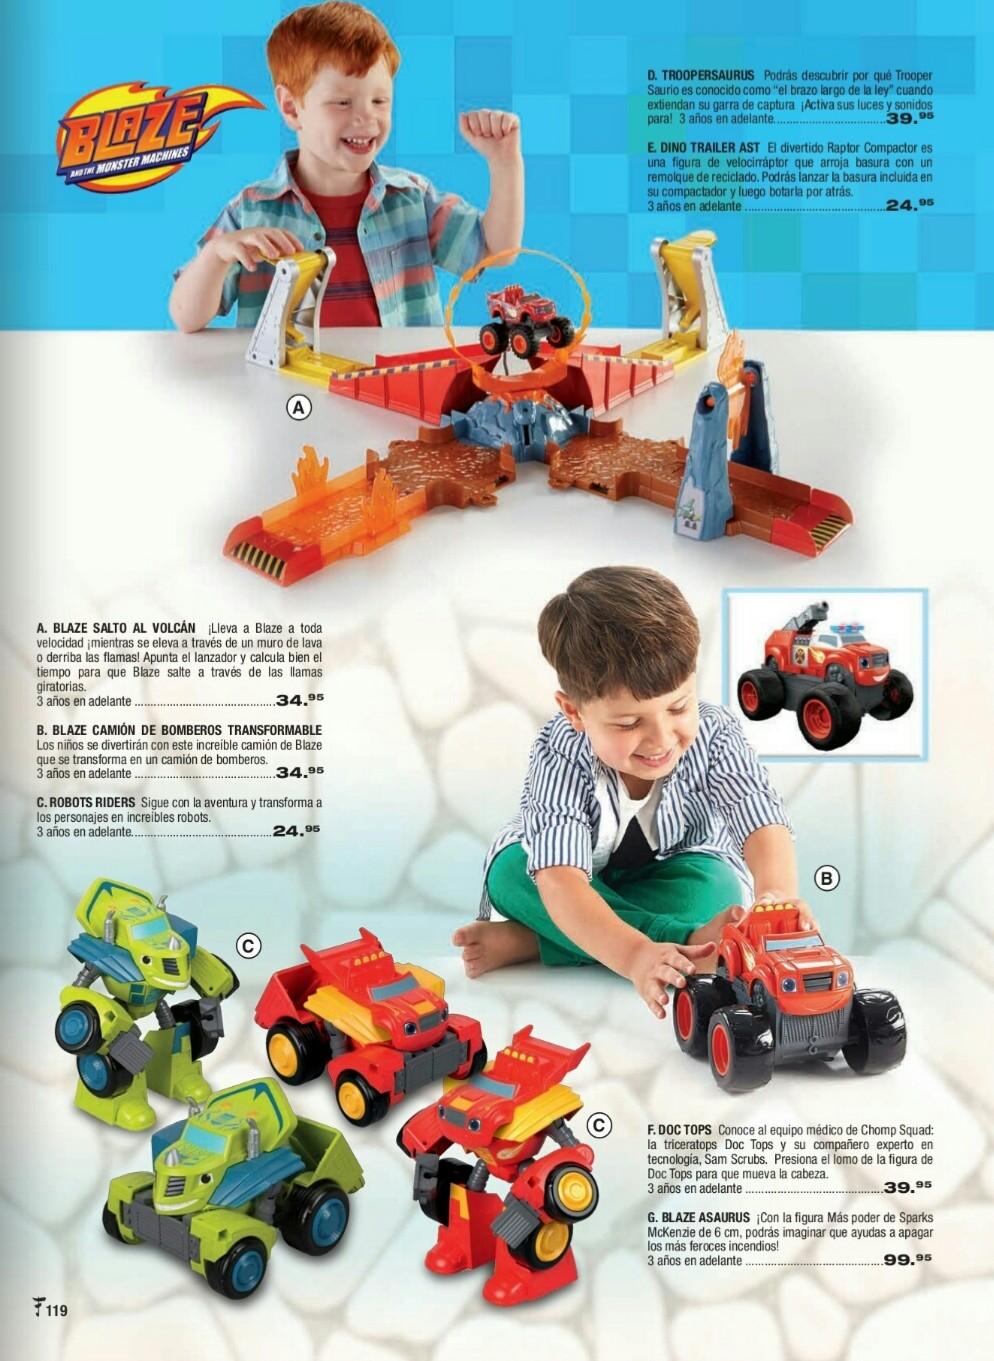 Catalogo juguetes Felix B Maduro 2018 p119